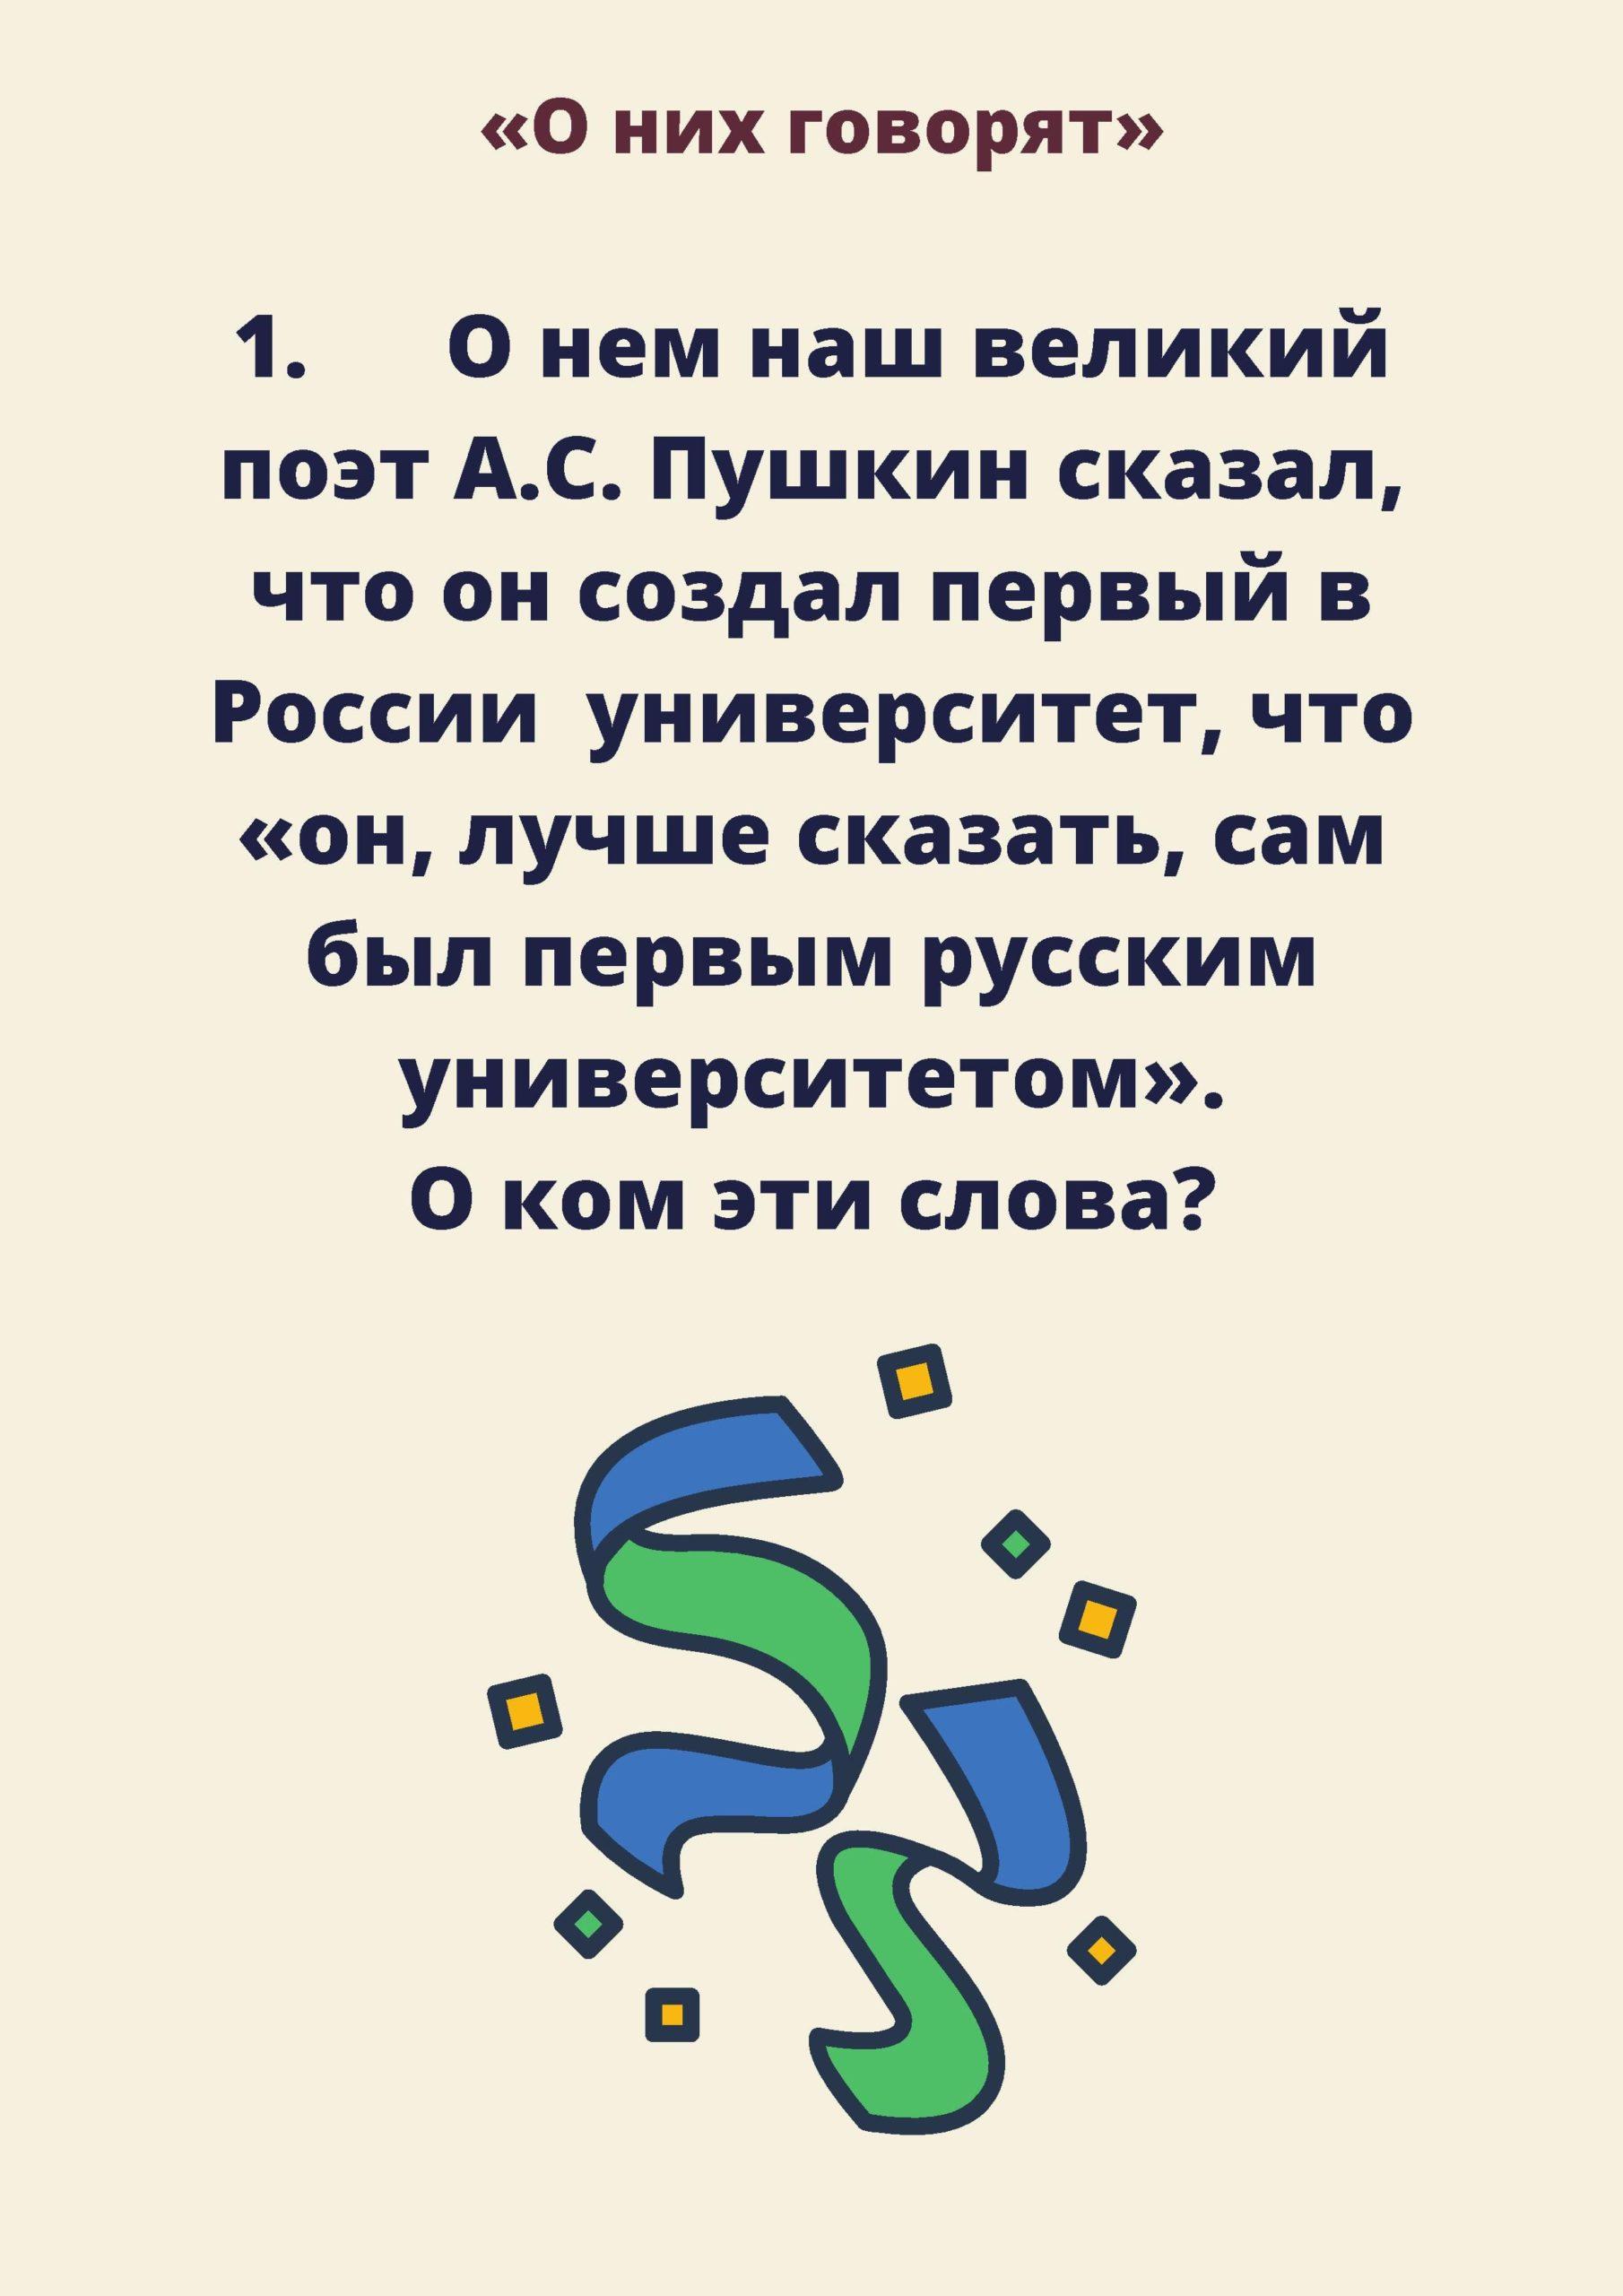 Вопрос №1. О нём наш великий поэт А.С. Пушкин сказал, что он создал первый в России университет